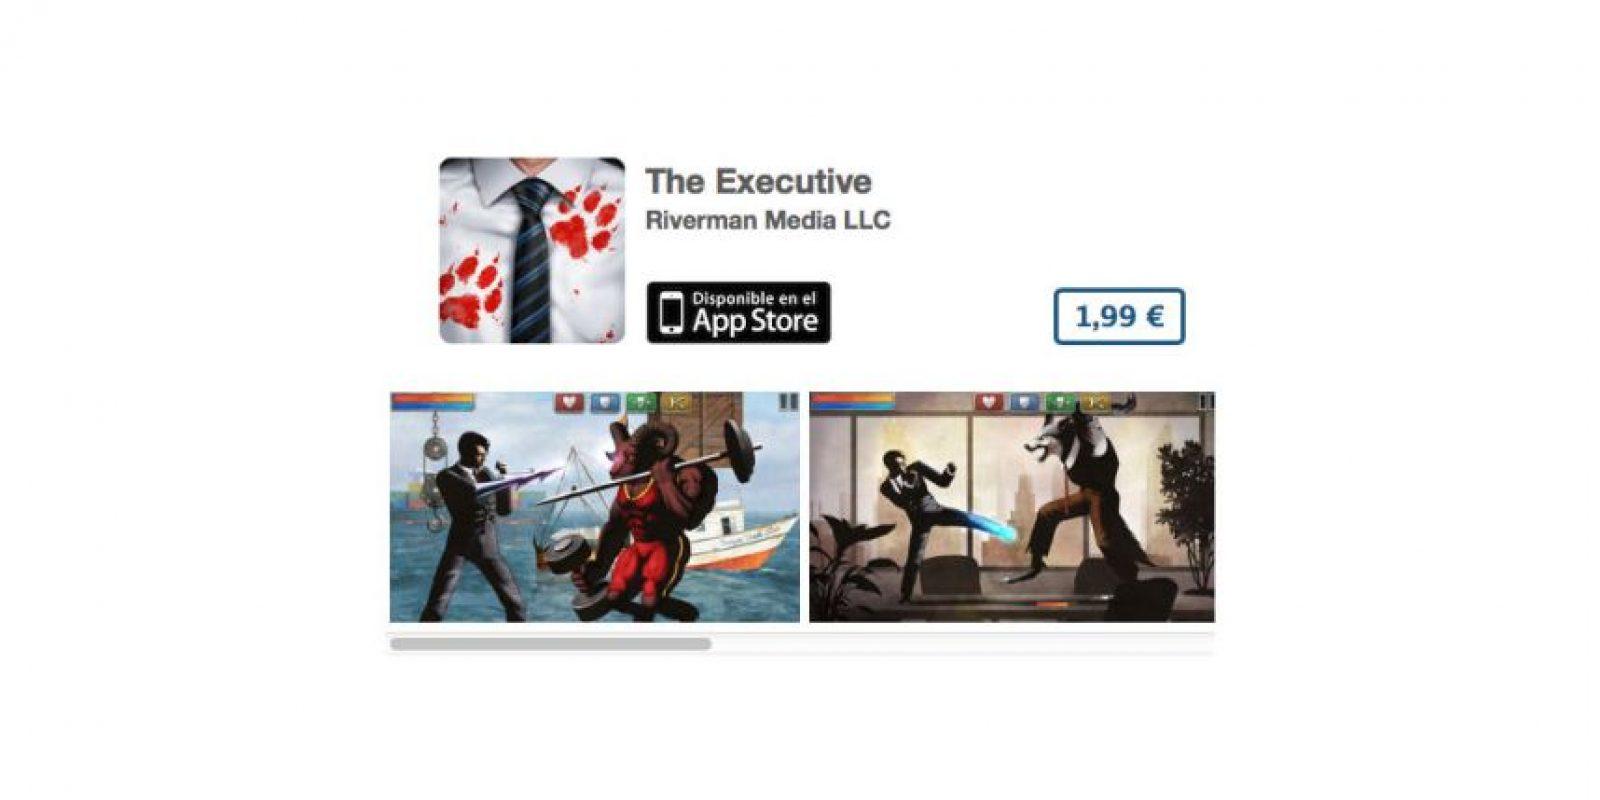 The Executive es una excelente juego-parodia que trata de un ejecutivo que se enfrenta a hombres lobo y musculosos minotauros en una lucha a muerte. Precio tres dólares Foto:De Riverman Media LLC